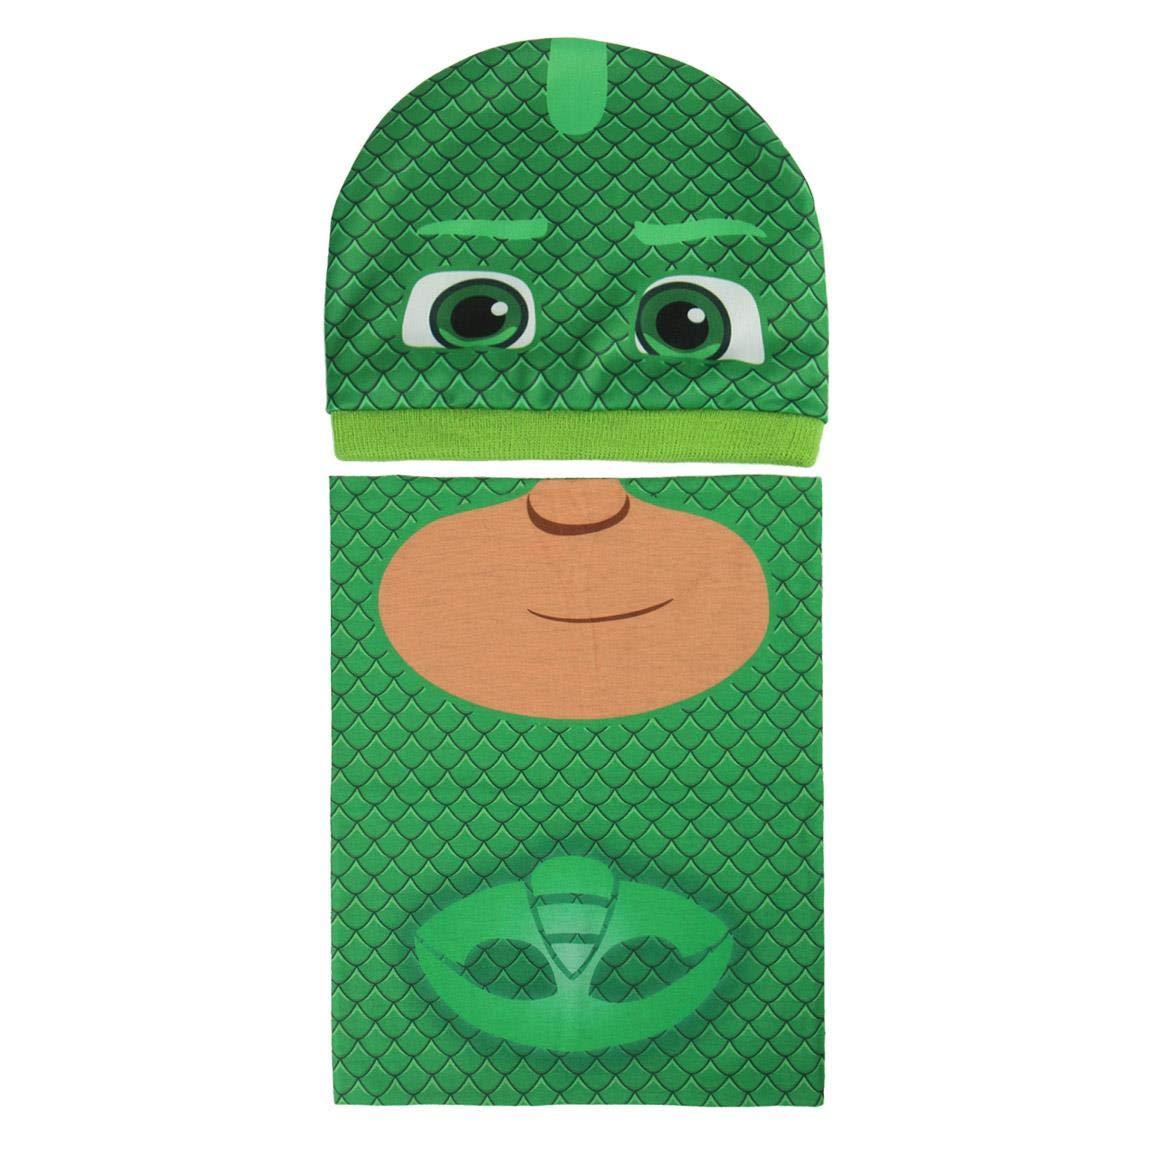 Cerdá Boy's Conjunto 2 Piezas Pj Masks Gekko Scarf, Hat and Glove Set, Green (Verde 001), One Size (Manufacturer Size: Única) 2200003290